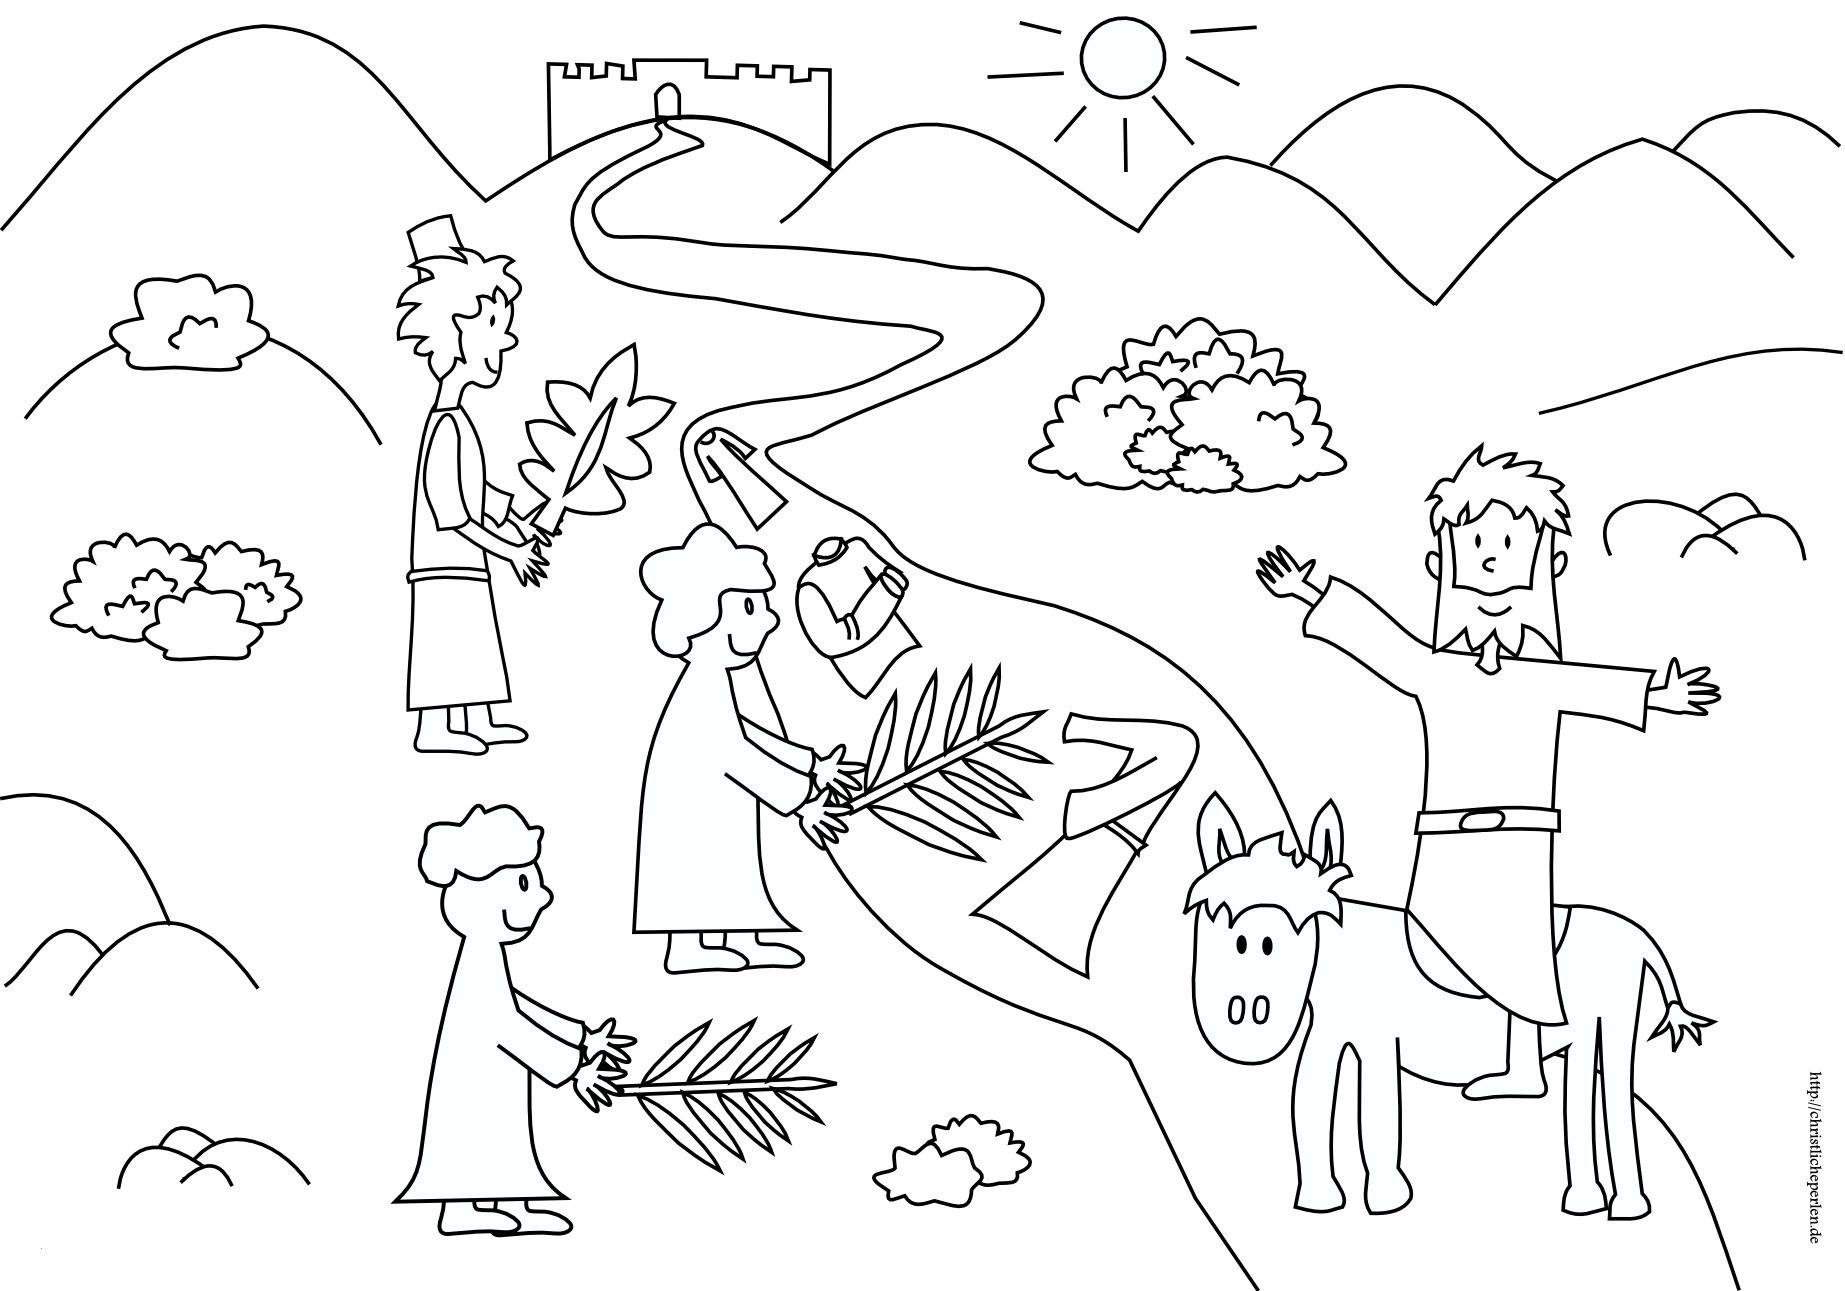 Ich Liebe Dich Ausmalbilder Frisch 35 Hundewelpen Malvorlagen Scoredatscore Neu Kastanien Ausmalbilder Fotografieren